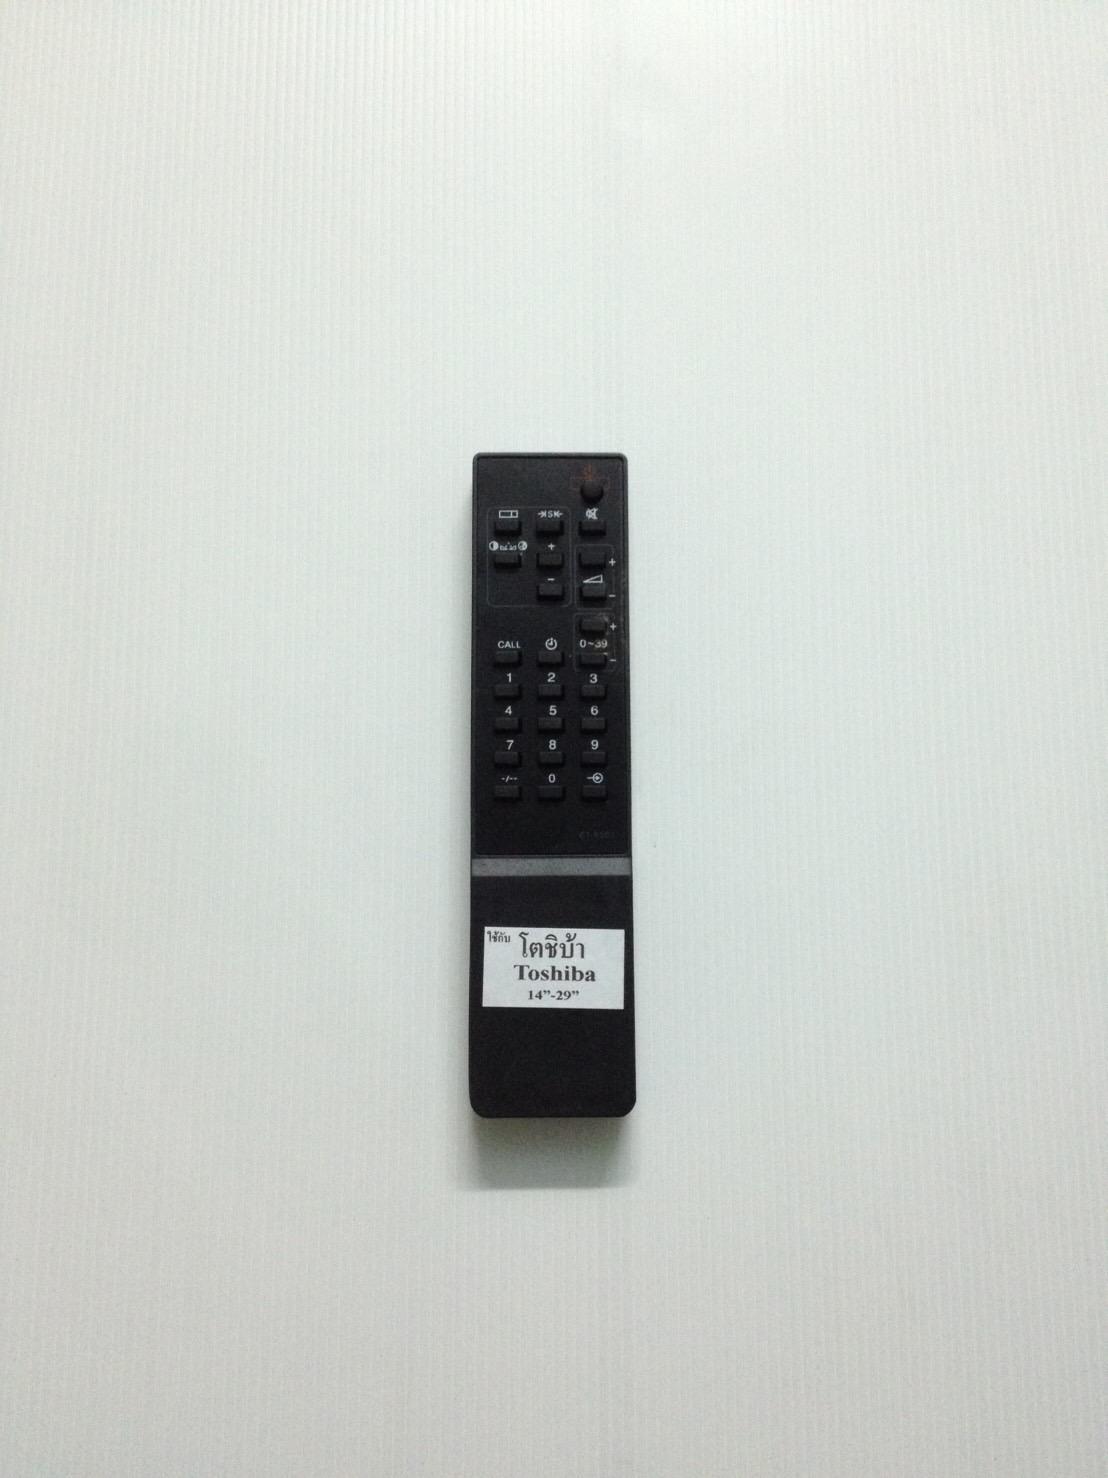 รีโมททีวีโตชิบ้าจอธรรมดา Toshiba 9507